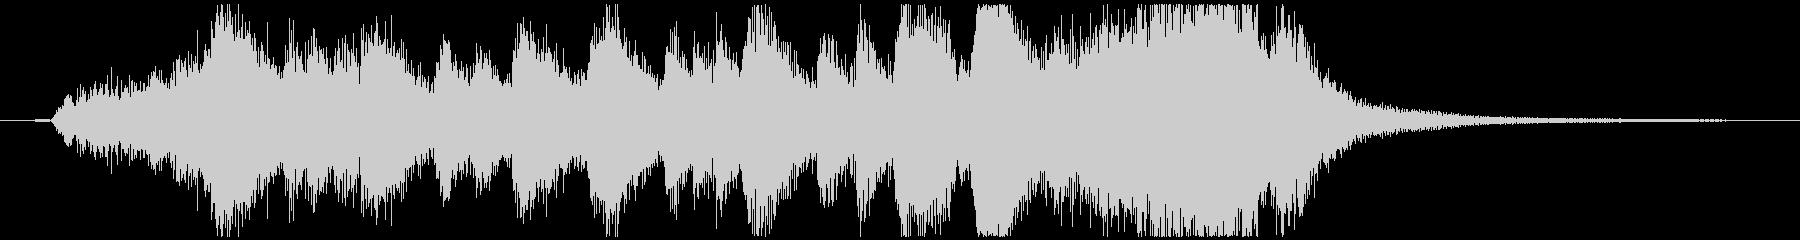 Fantastic Fanfareの未再生の波形